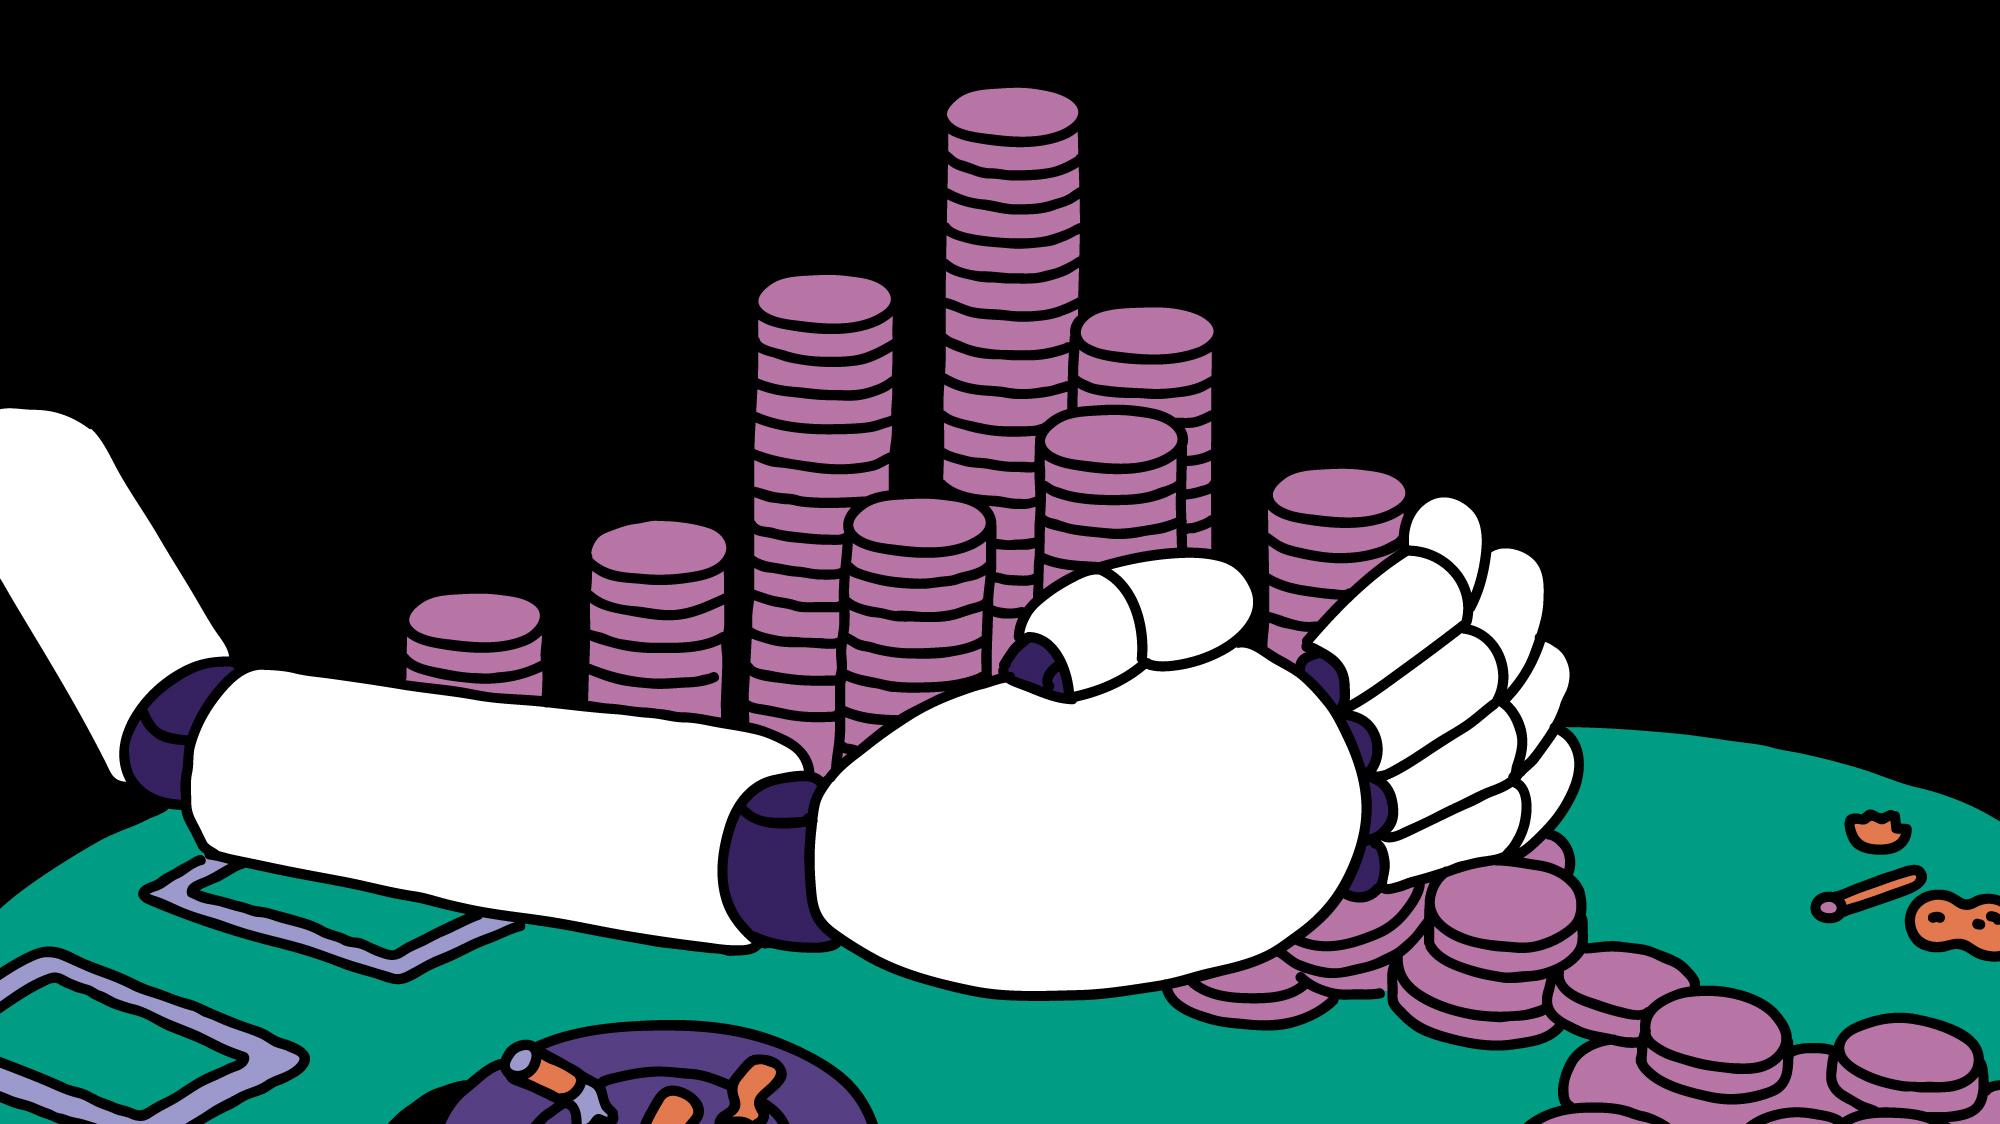 人工智慧是否會取代線上撲克